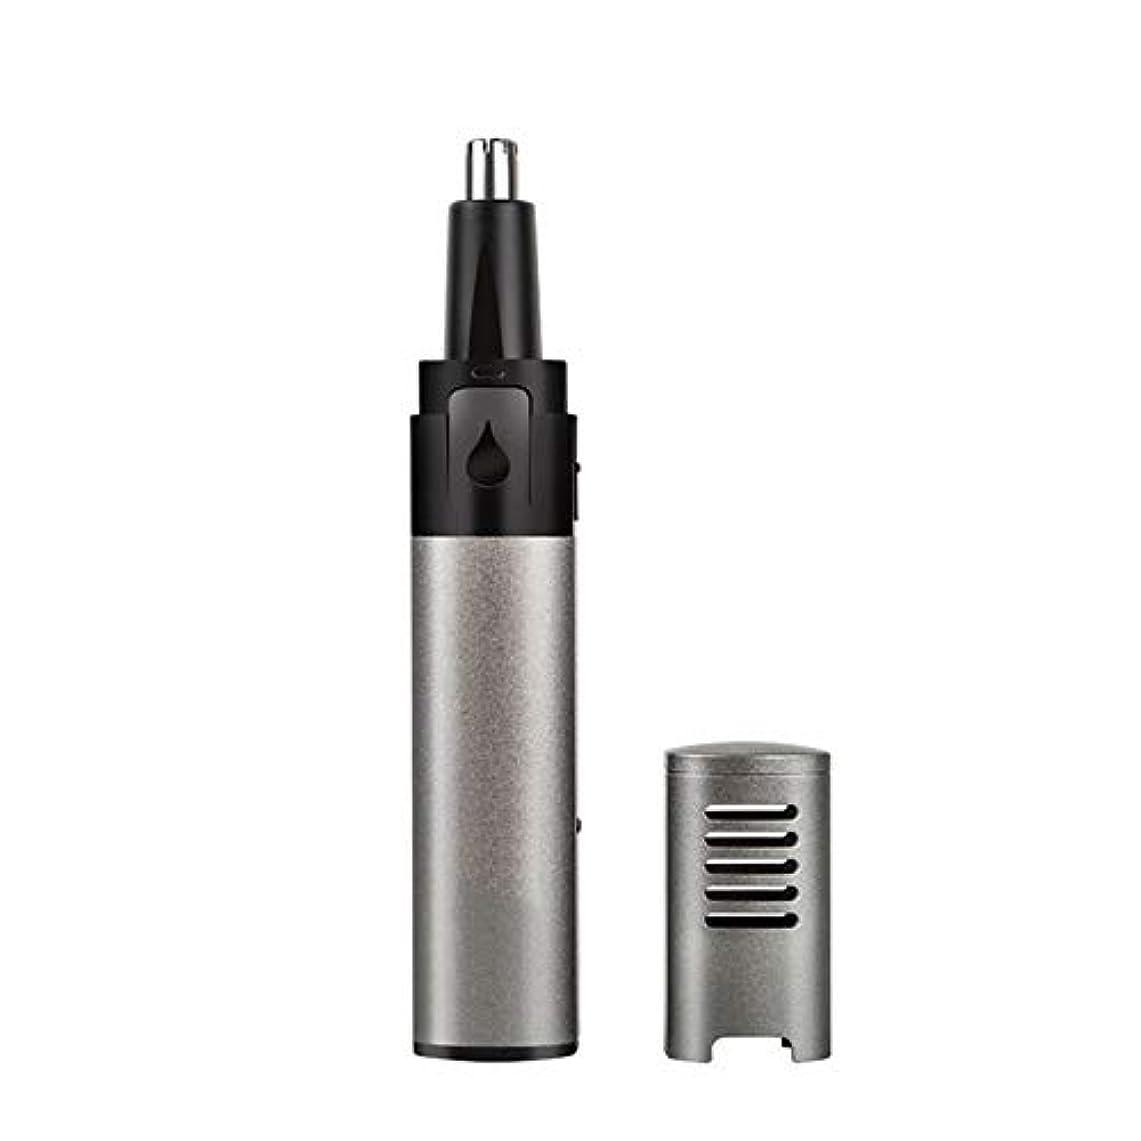 アイロニーティッシュ健康的電気鼻毛トリマーメンズ女性USB充電式シェービング鼻毛ポータブルボディーウォッシュ メンズ ムダ毛トリマー 耳毛 鼻毛切り (Color : Black, Size : USB)